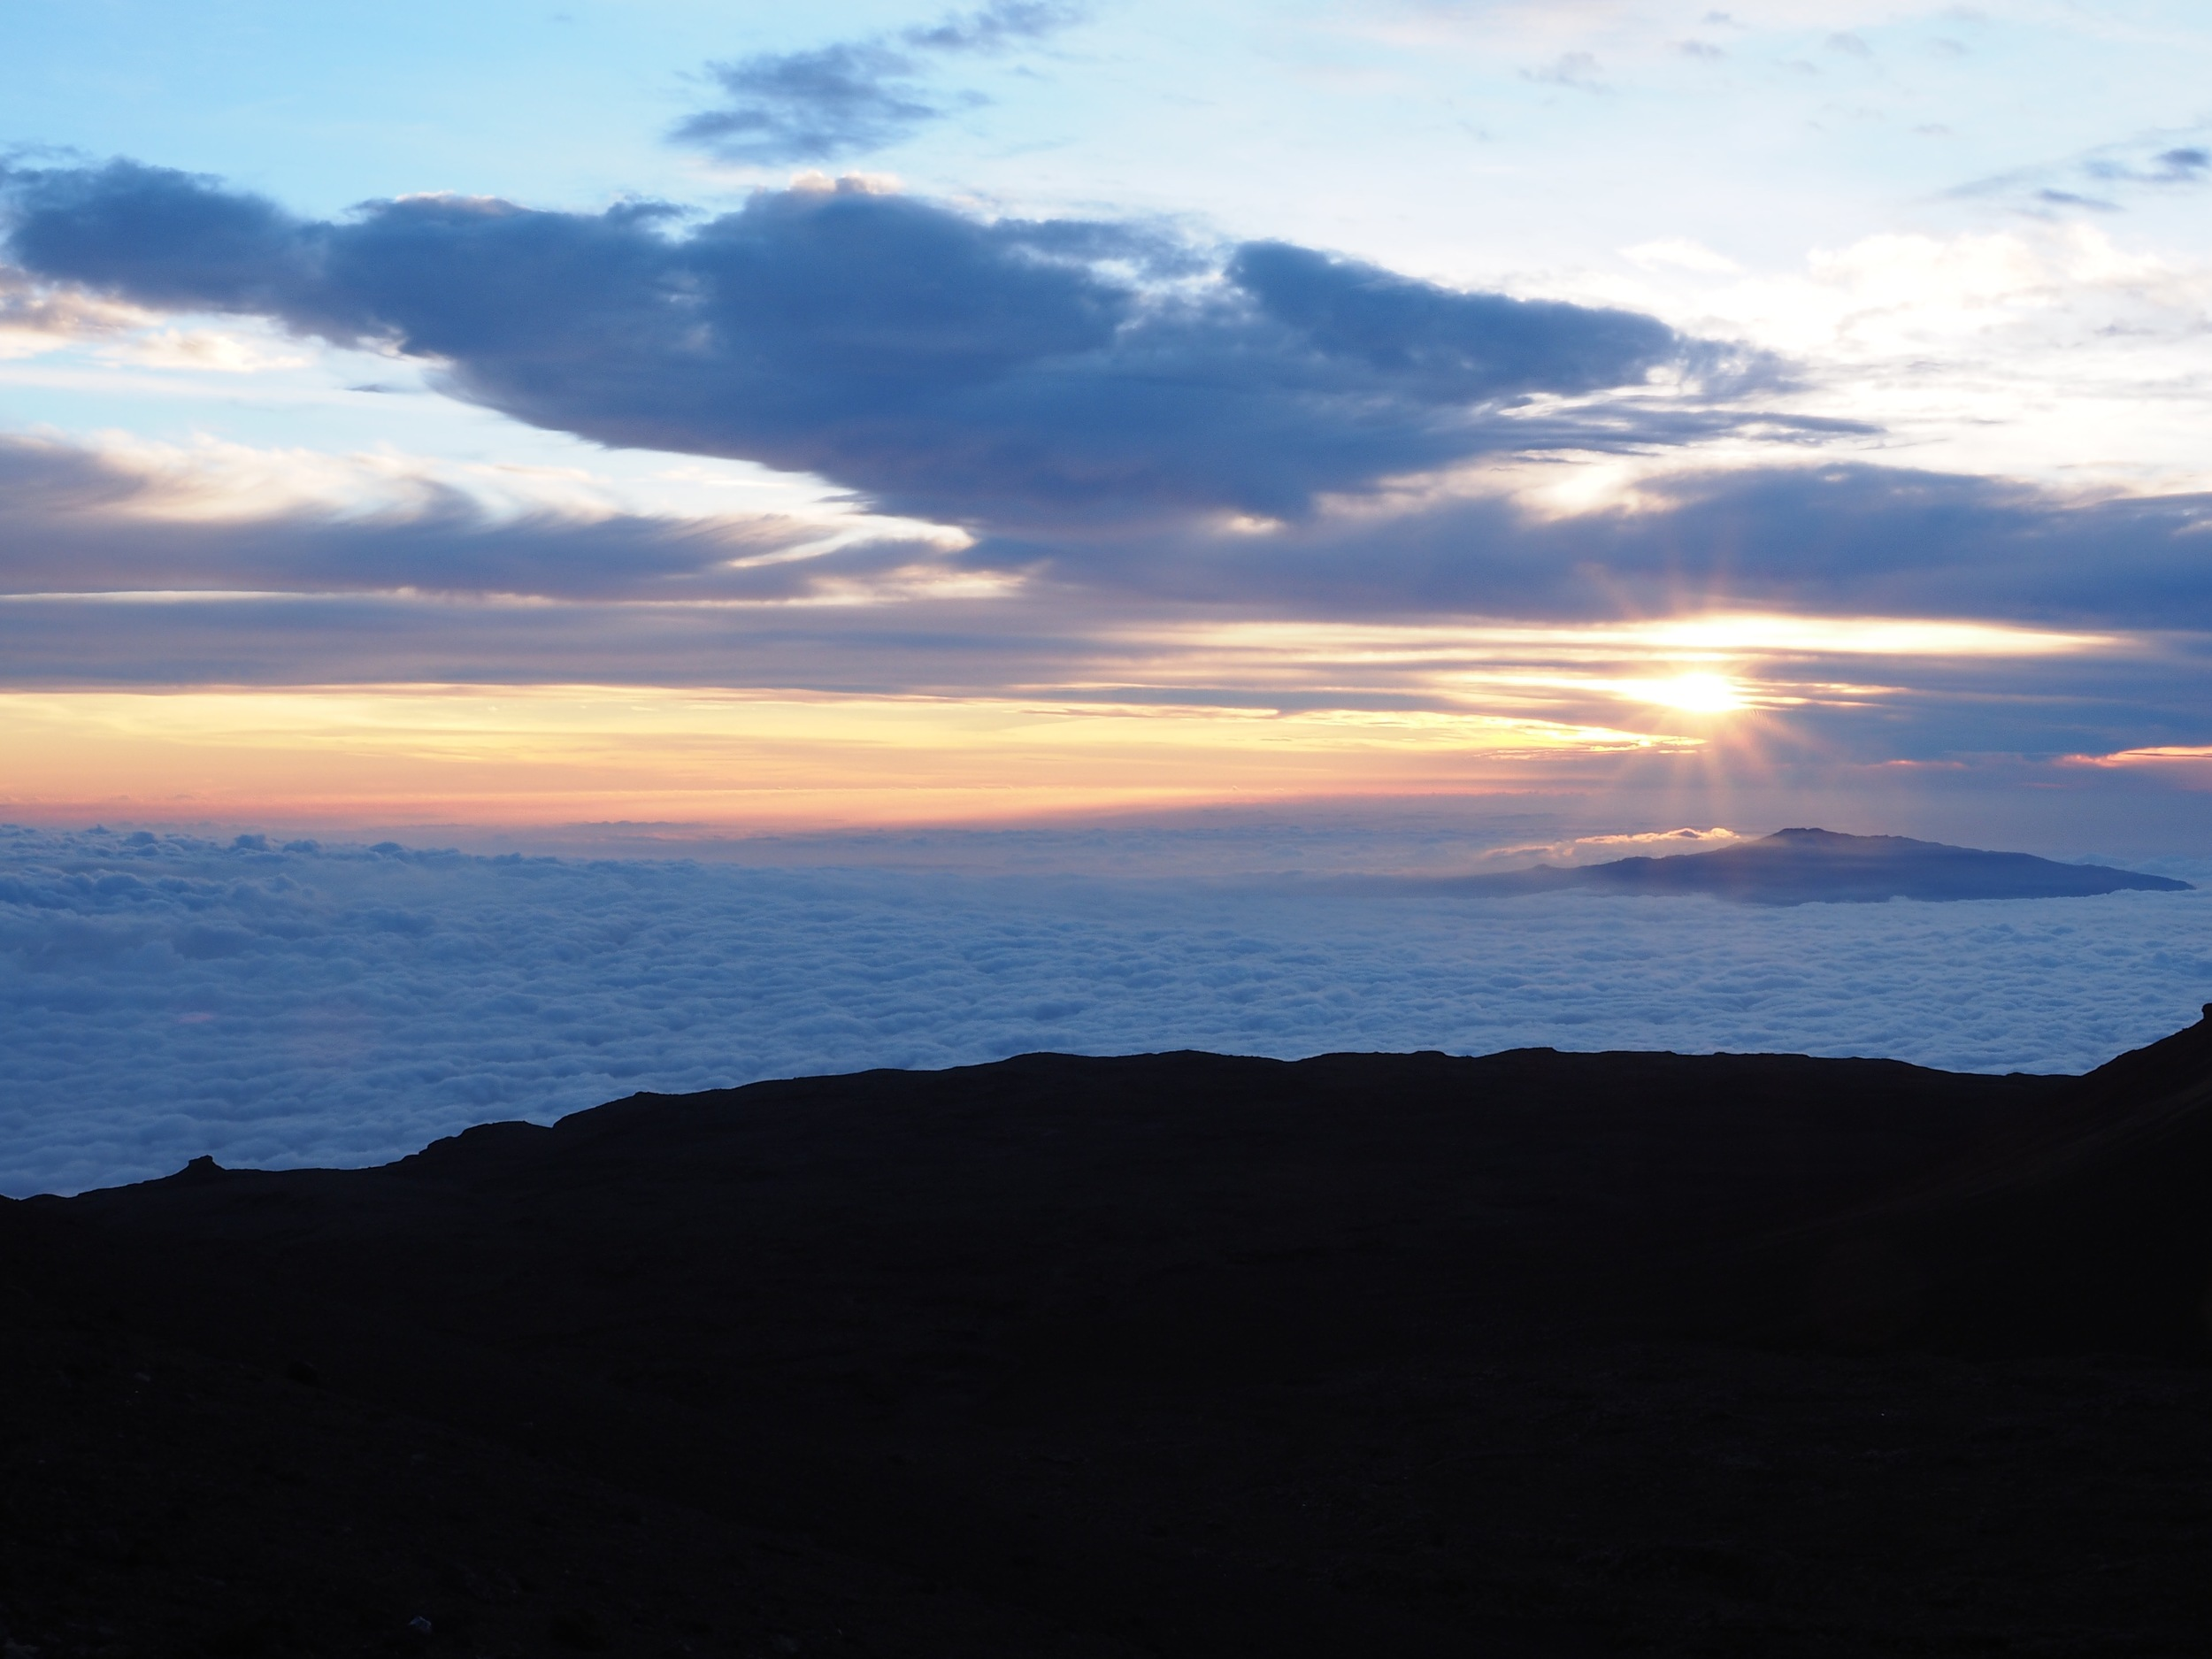 Summit of Mauna Kea, Big Island,Hawaii